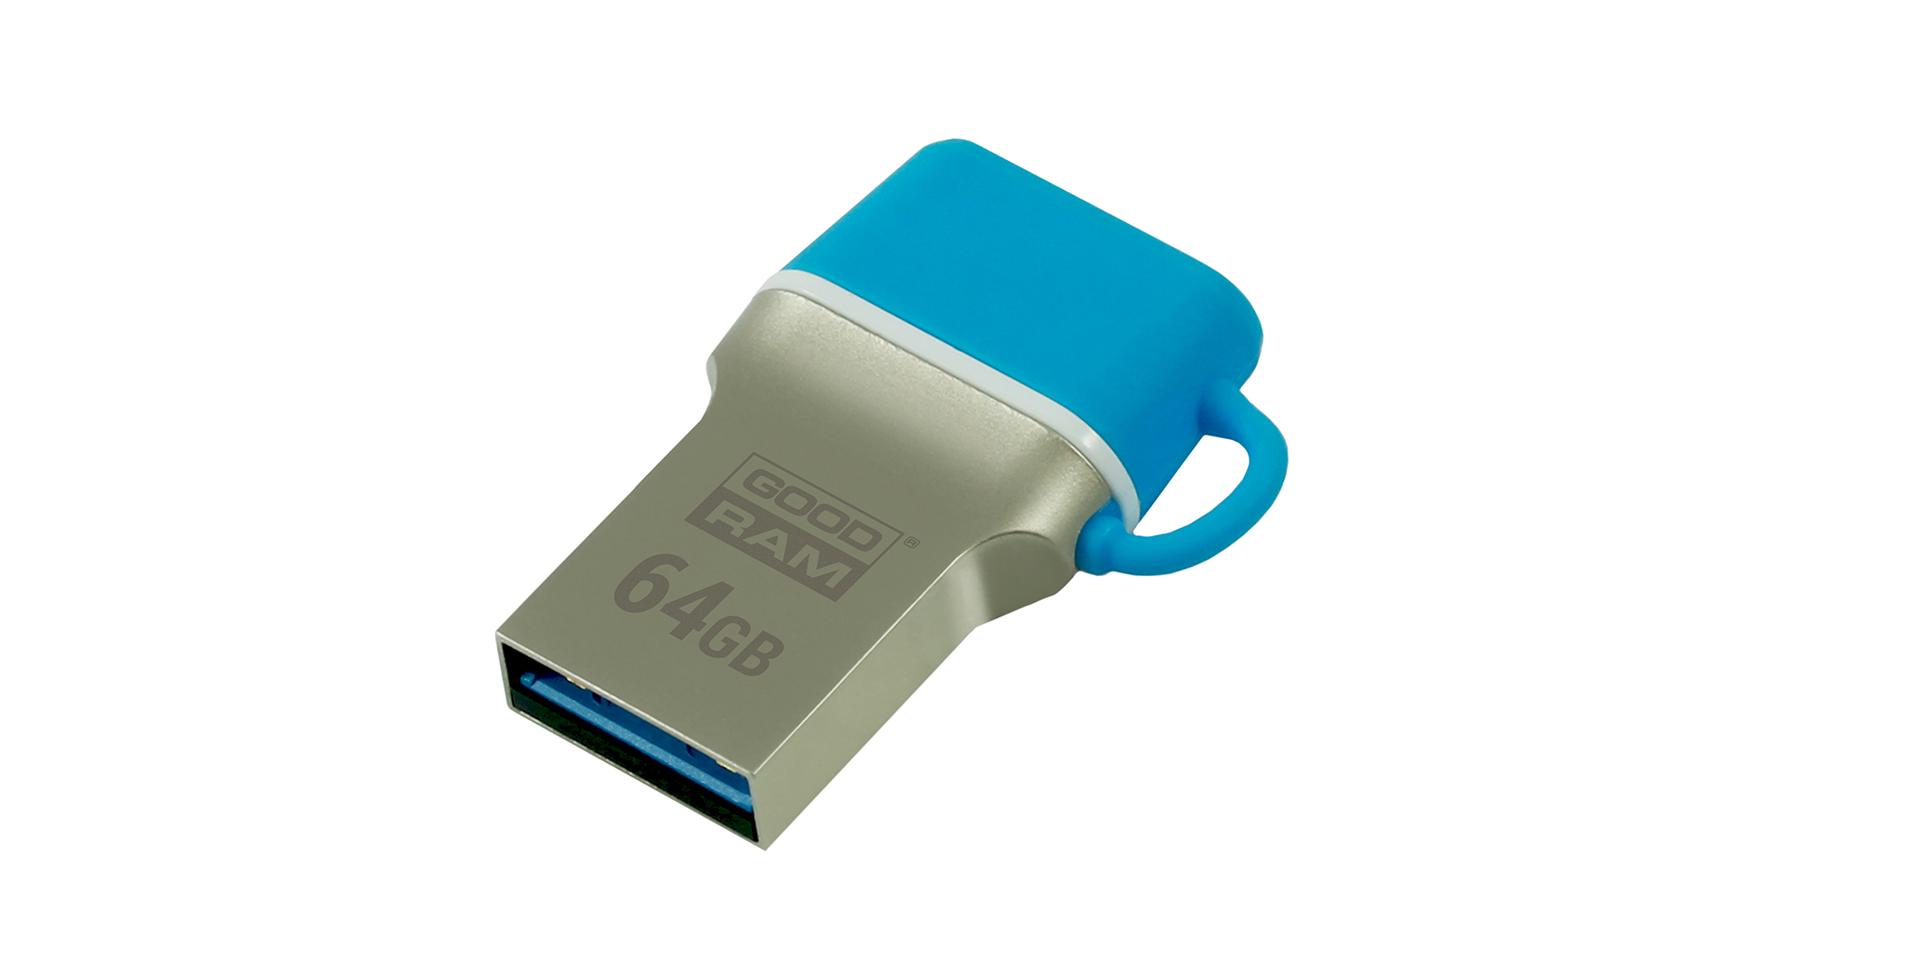 ODD3 flash drive